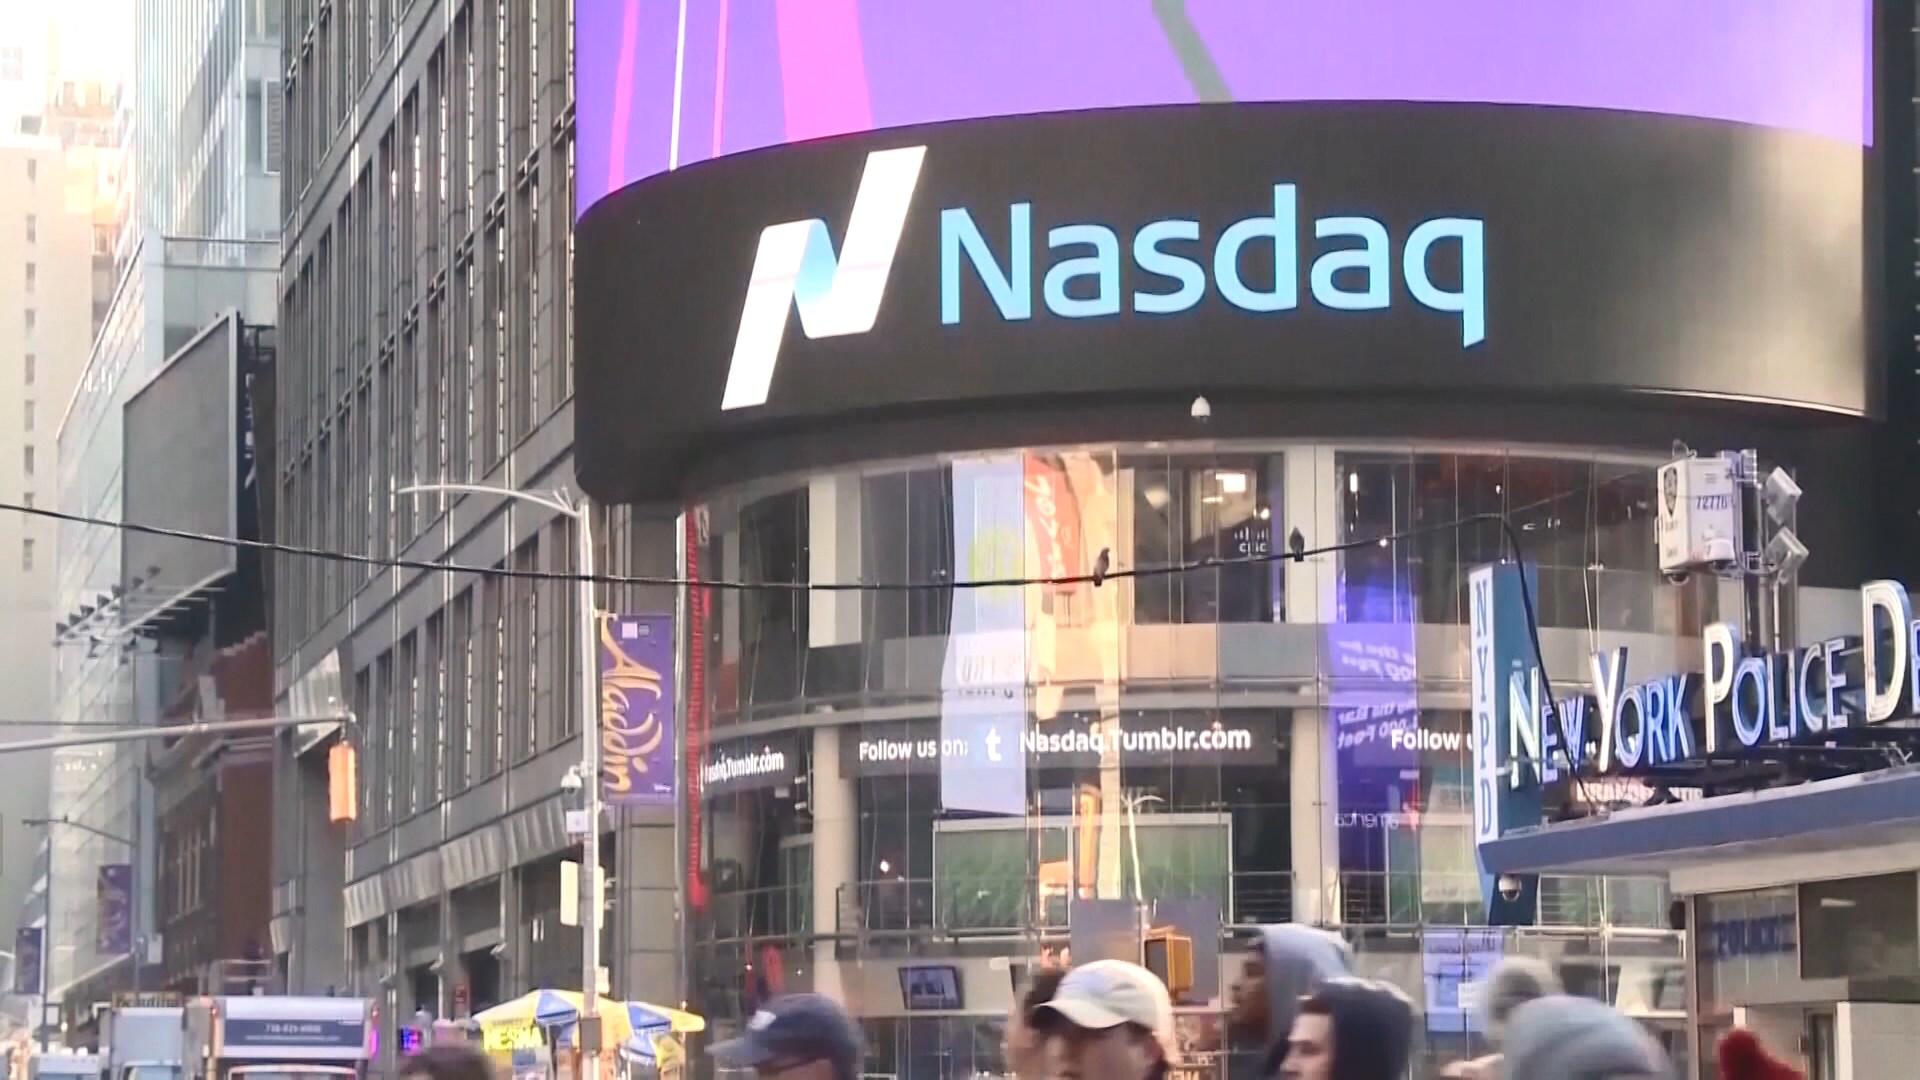 美股上升 標指創新高 因鮑威爾稱沒有考慮加息